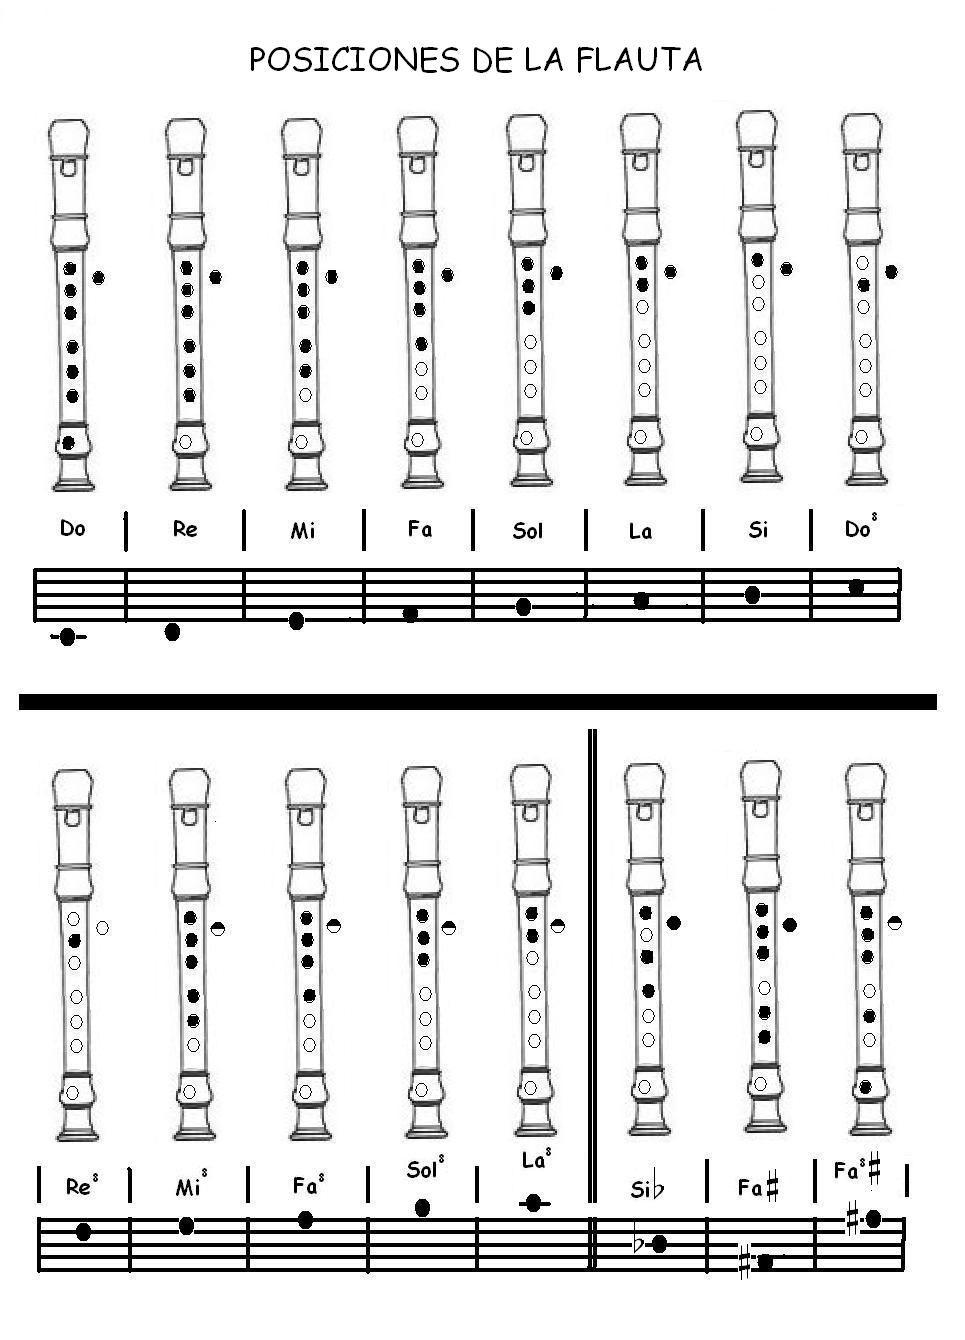 Posiciones De Las Notas En La Flauta Dulce Posiciones Más Sencillas Notas Aguadas Y Alteraciones Frecuentes Flauta Partituras Flauta Doce Educação Musical